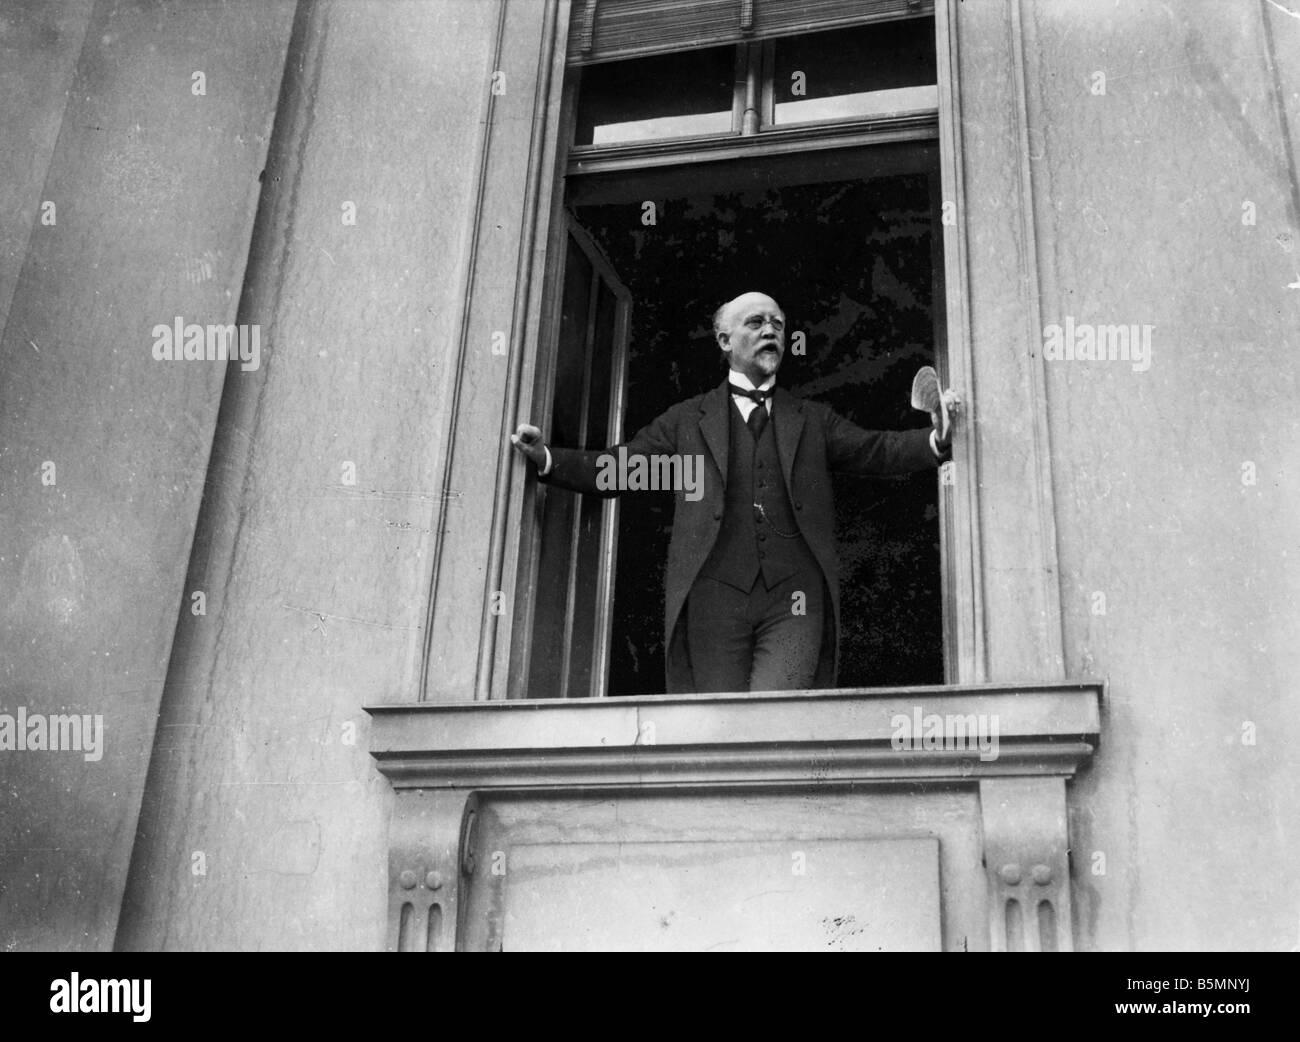 8 1918 11 9 A1 21 Revolution 1918 19 Speech by Scheidemann November Revolution 1918 Friedrich Ebert becomes Reich - Stock Image